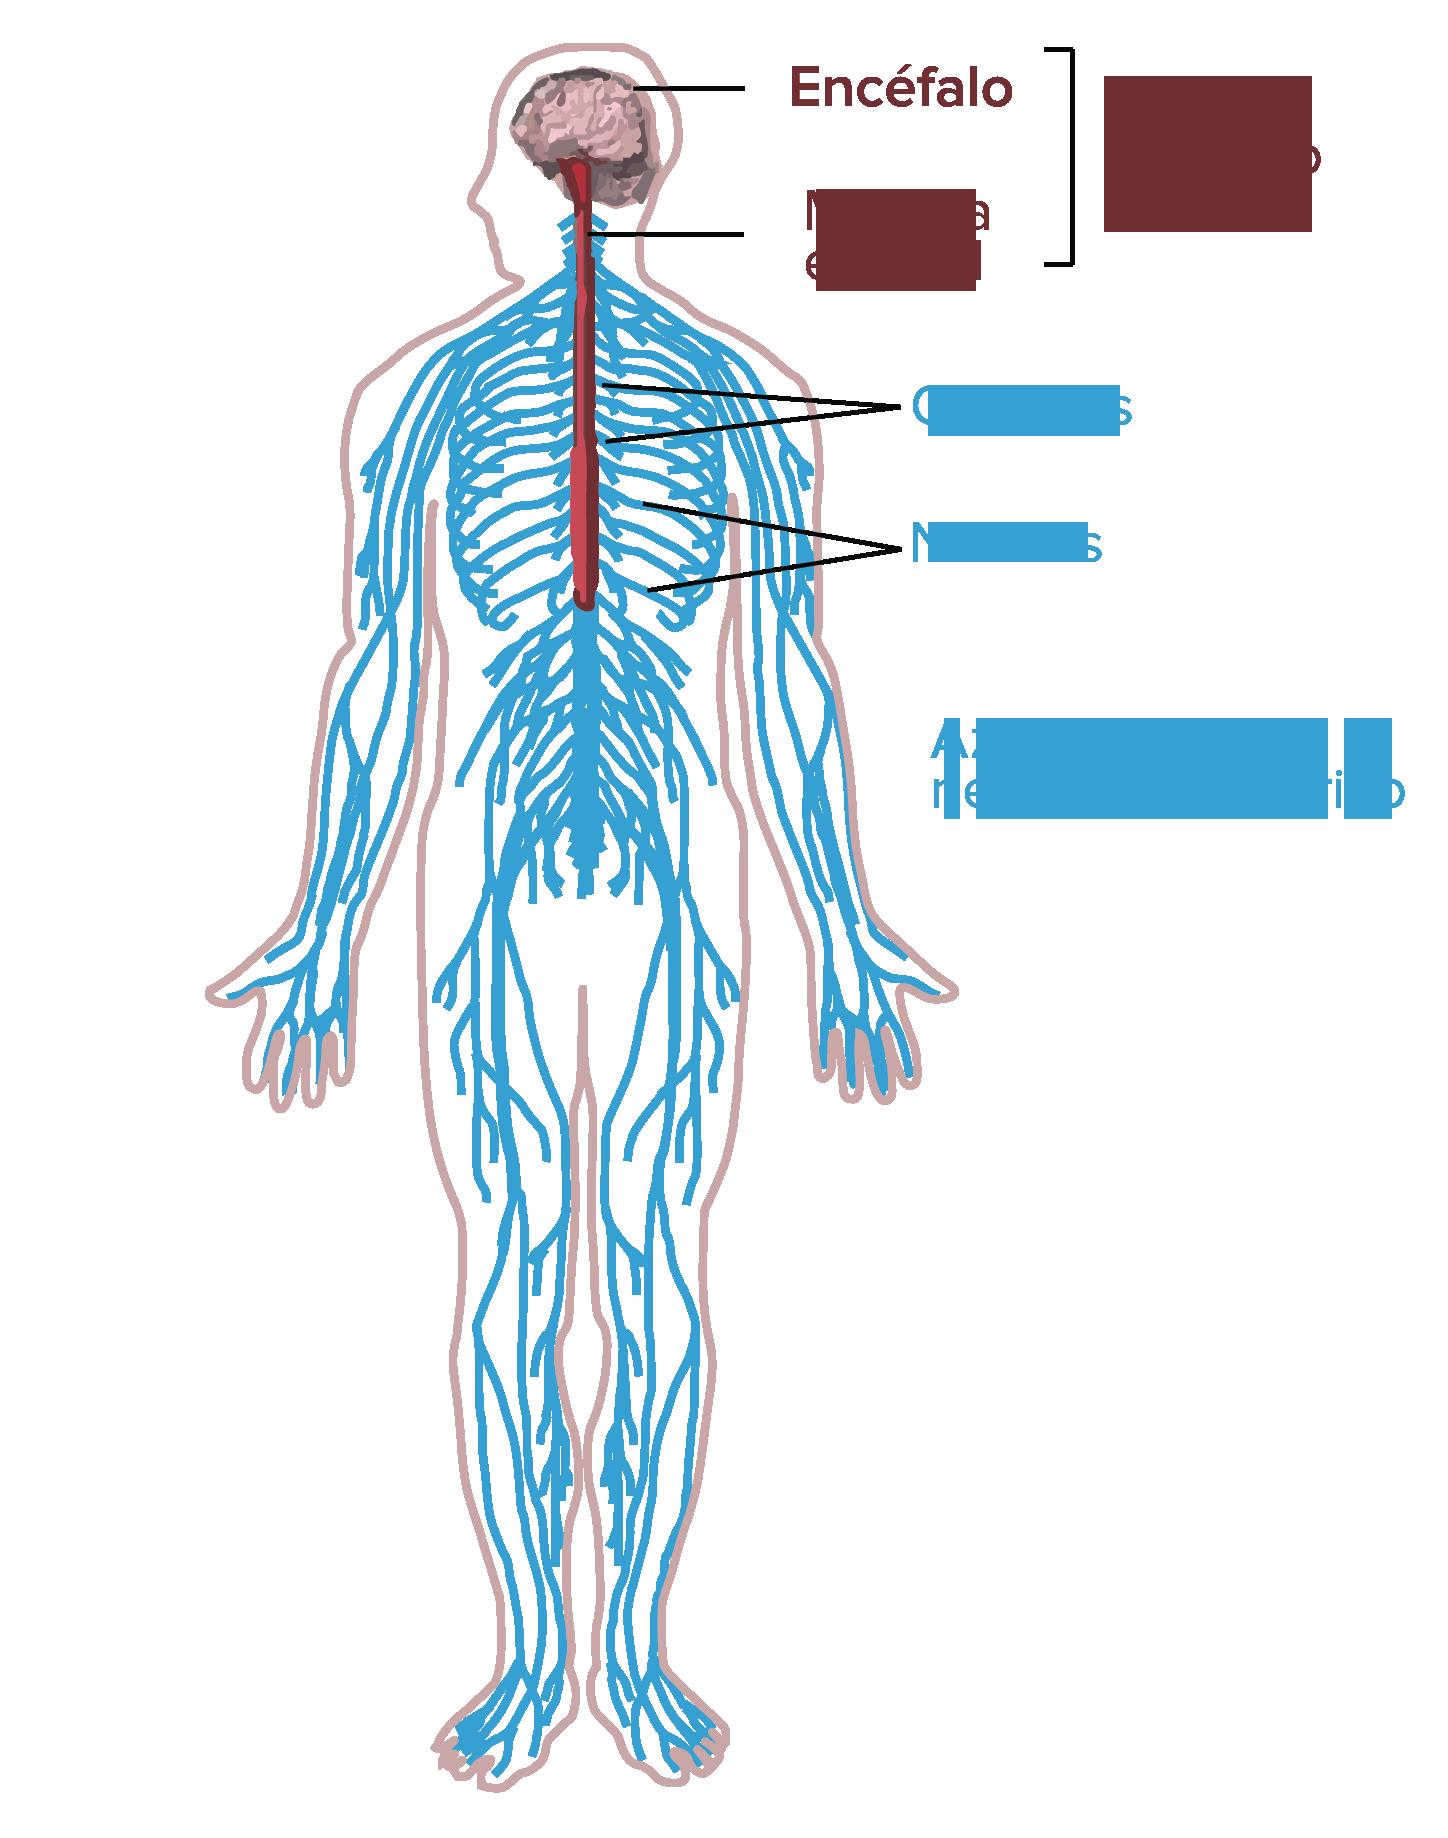 Función y estructura de la neurona (artículo) | Khan Academy